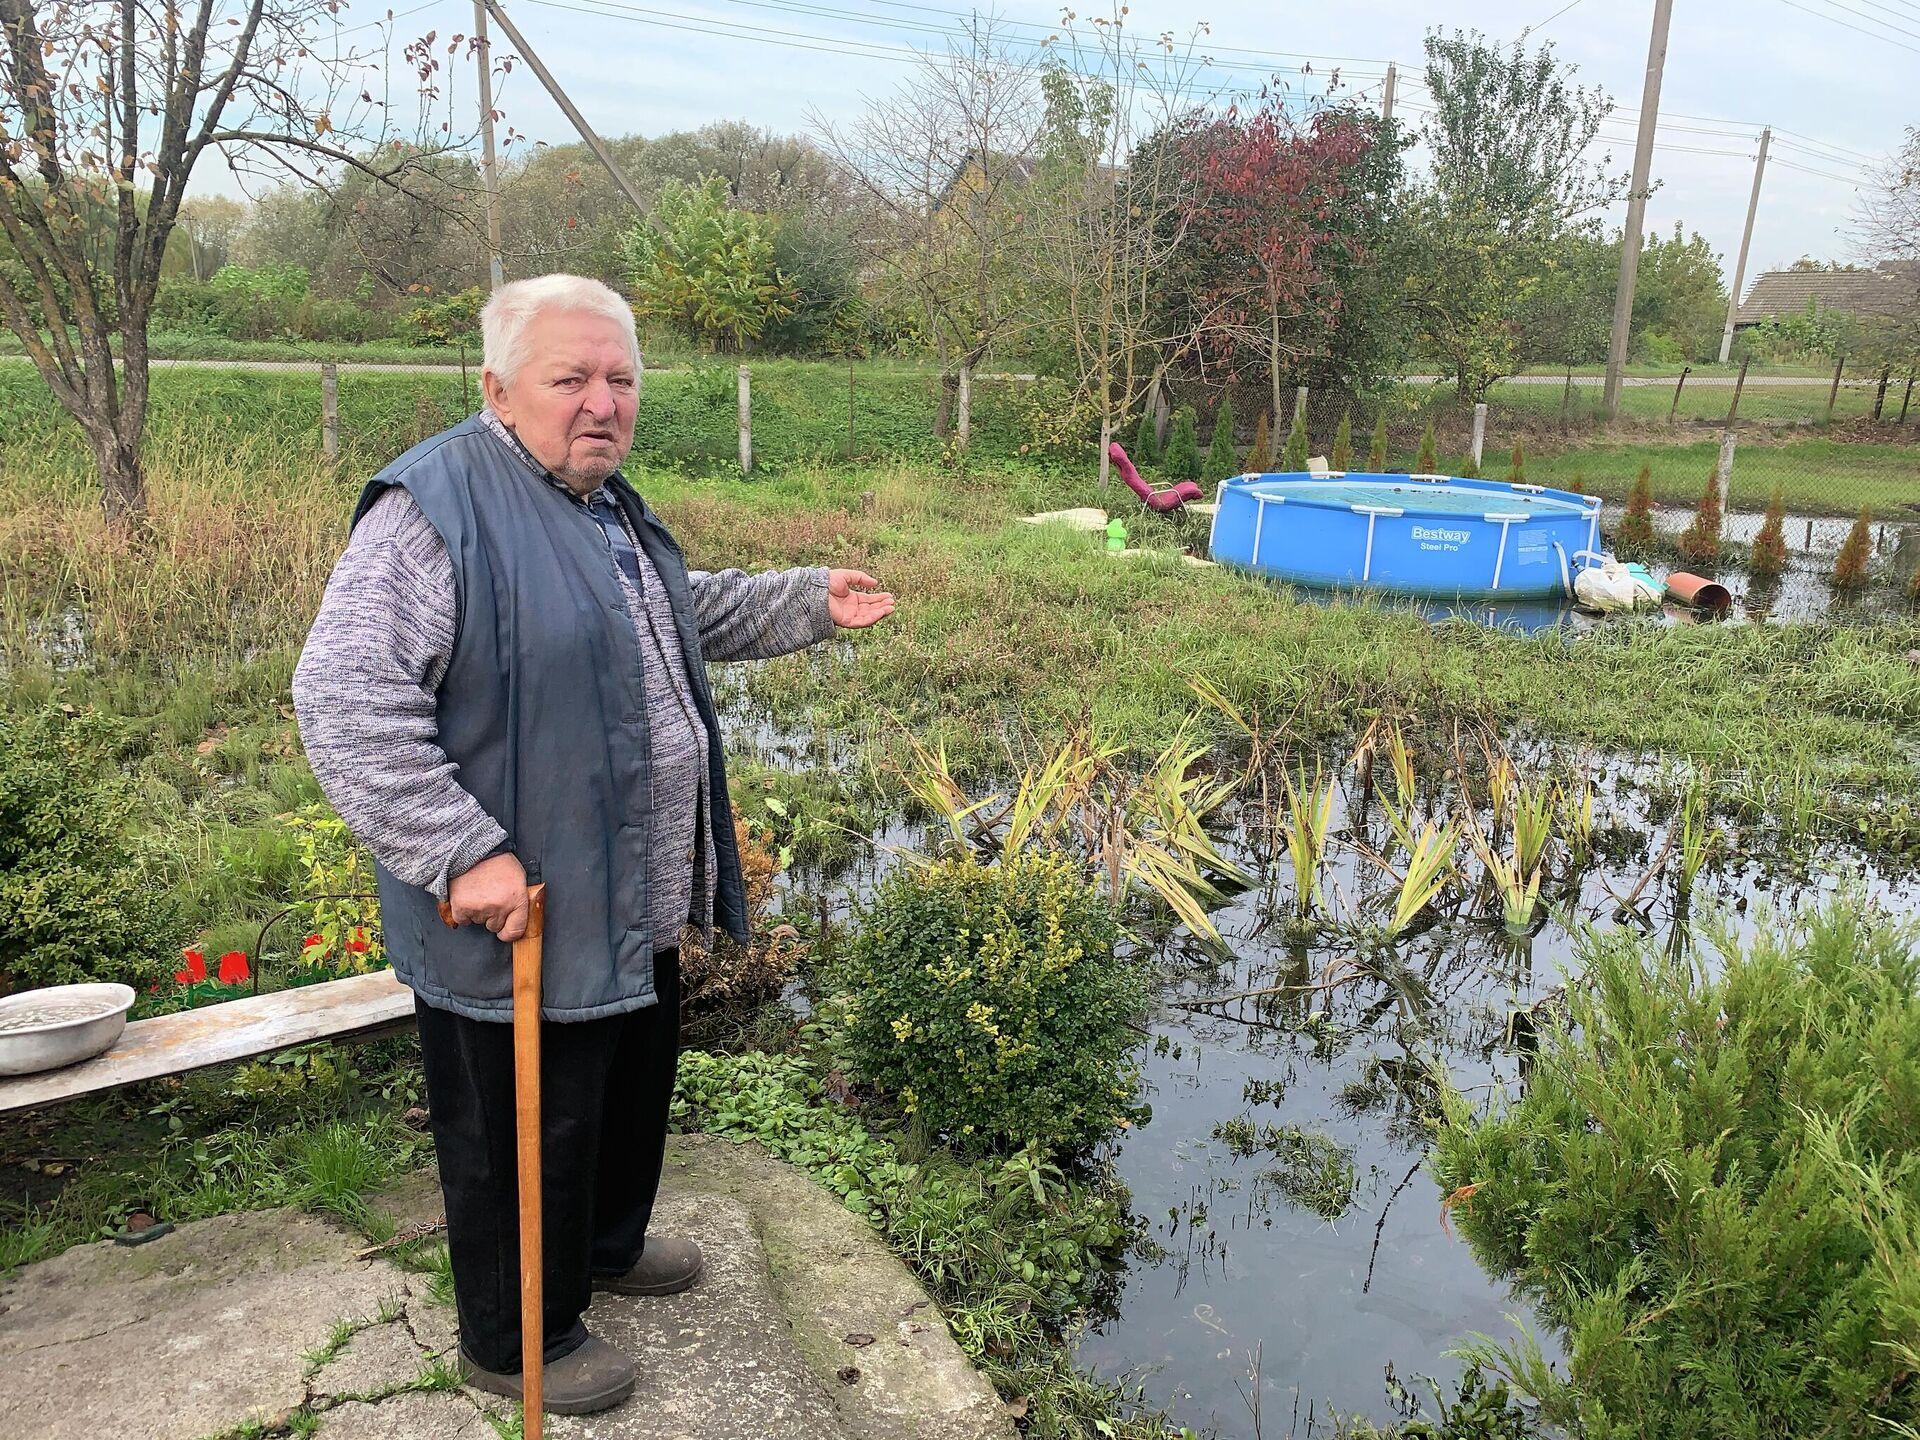 Летом внуки хозяина плавали в мини-бассейне, сейчас до него можно добраться только вплавь - Sputnik Беларусь, 1920, 06.10.2021